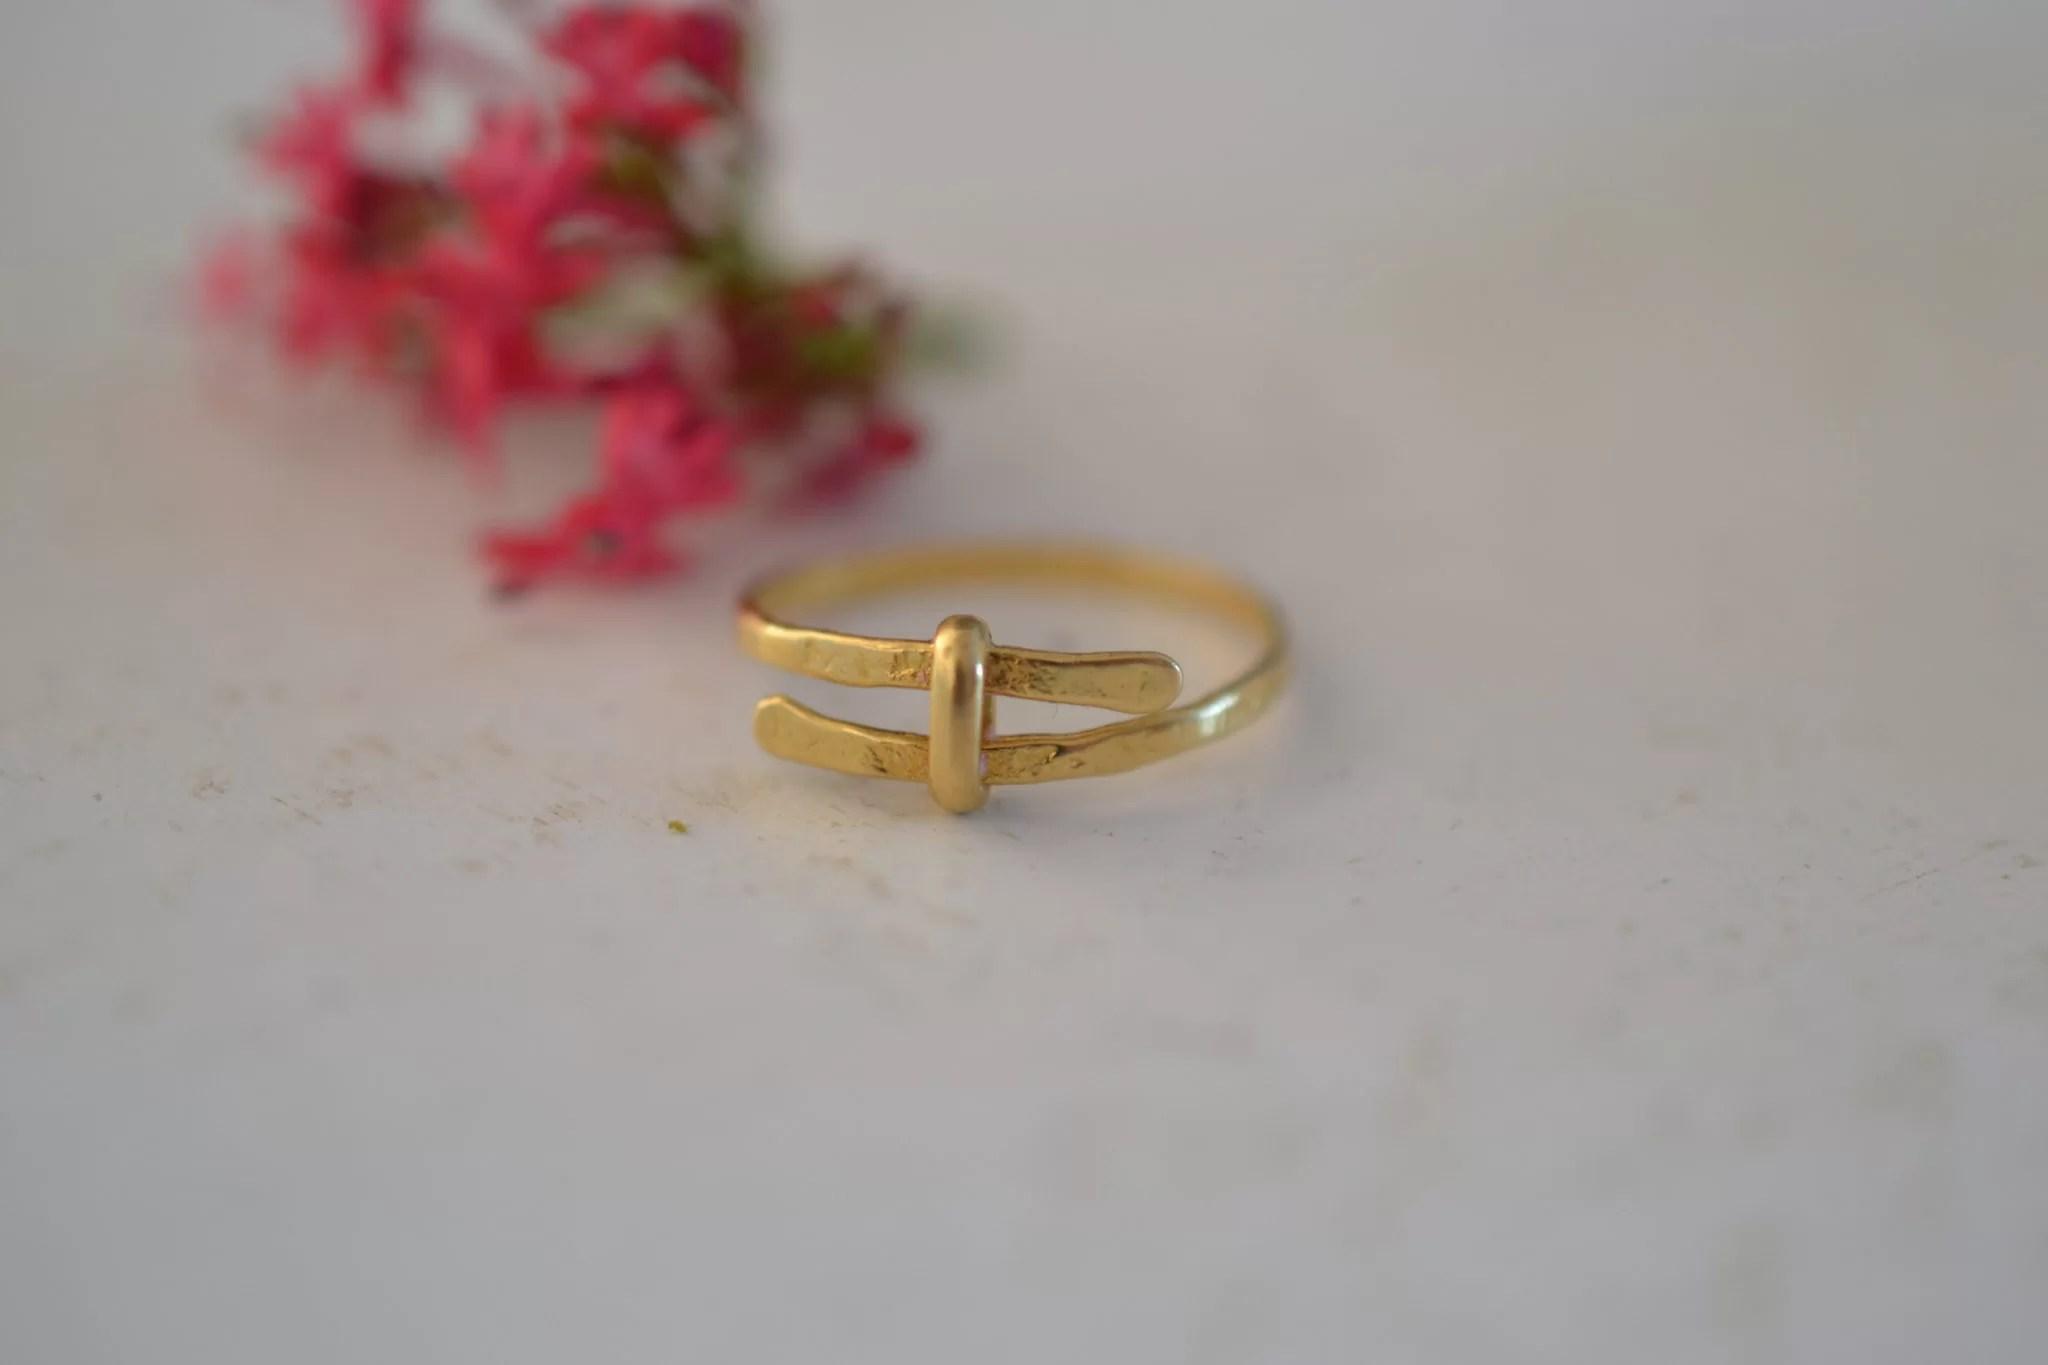 bague martlée en or - Bijou vintage certifé - 18 carats 750:1000 - bijoux durables